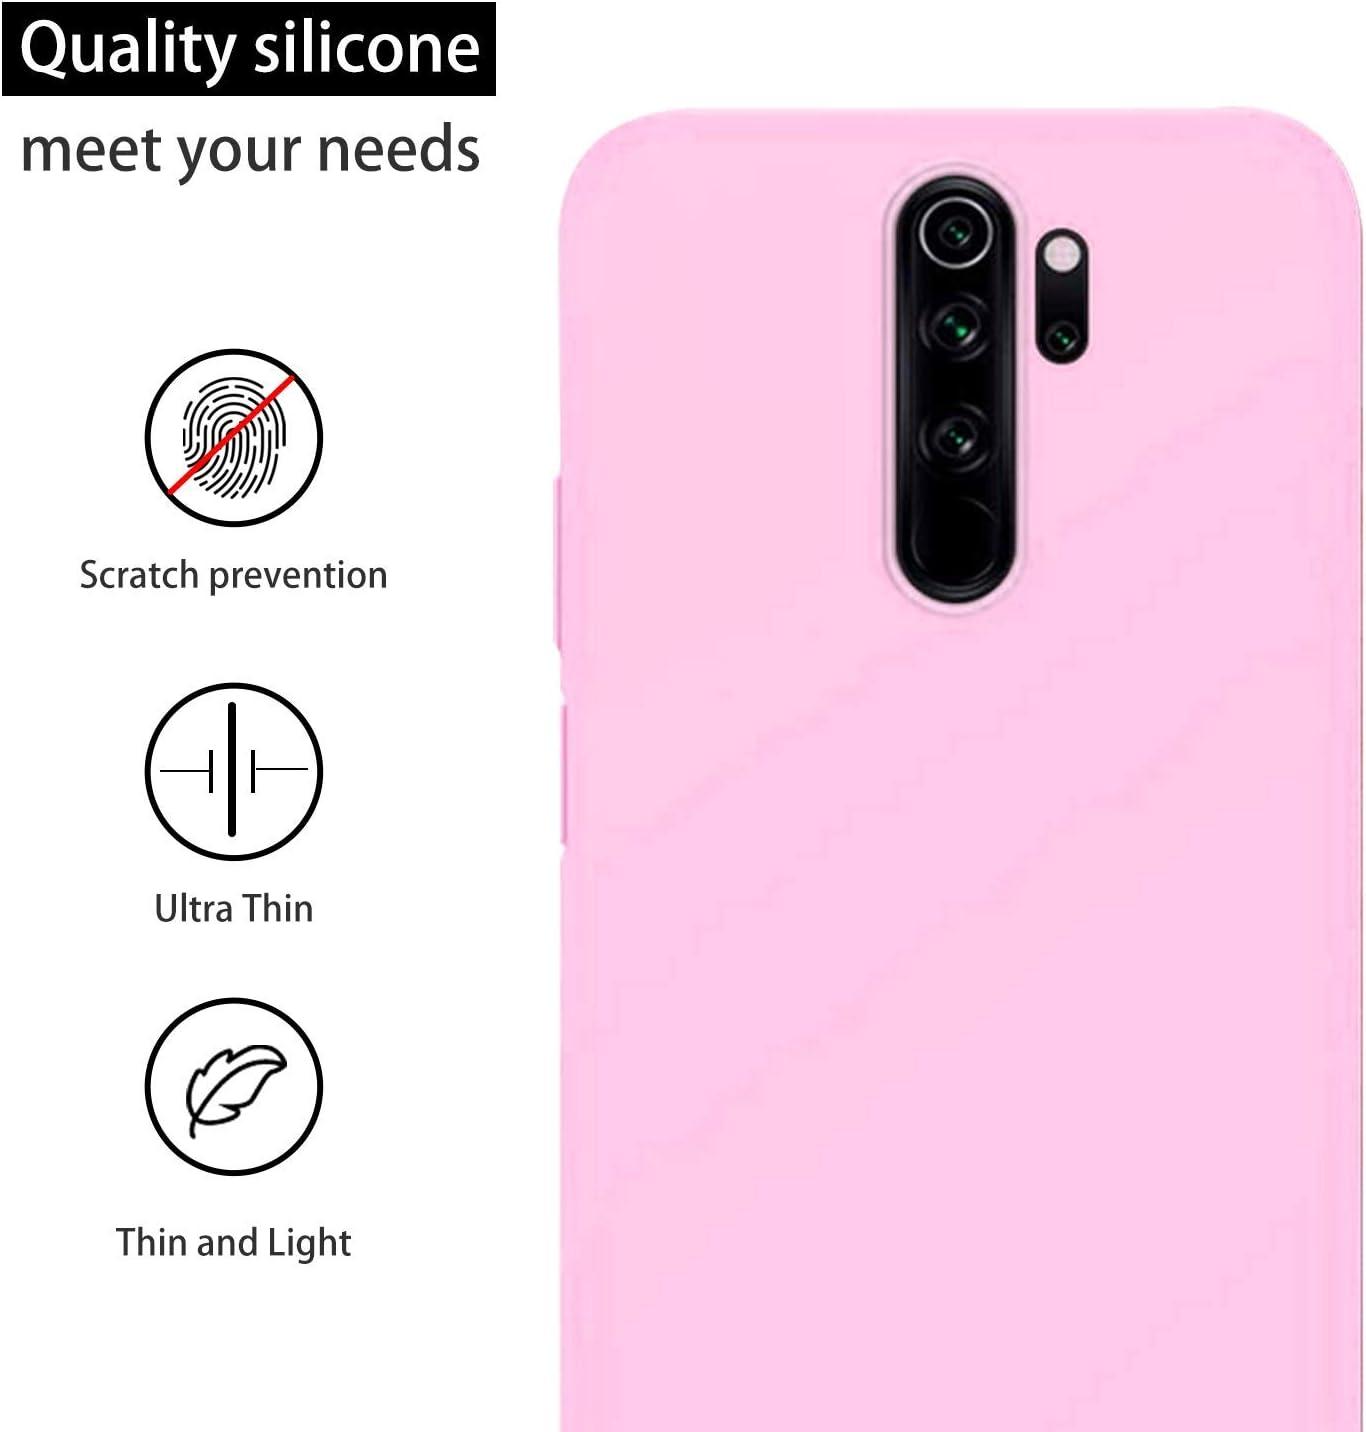 cuzz Funda para Xiaomi Redmi Note 8 Pro+{Protector de Pantalla de Vidrio Templado} Carcasa Silicona Suave Gel Rasgu/ño y Resistente Tel/éfono M/óvil Cover-Negro